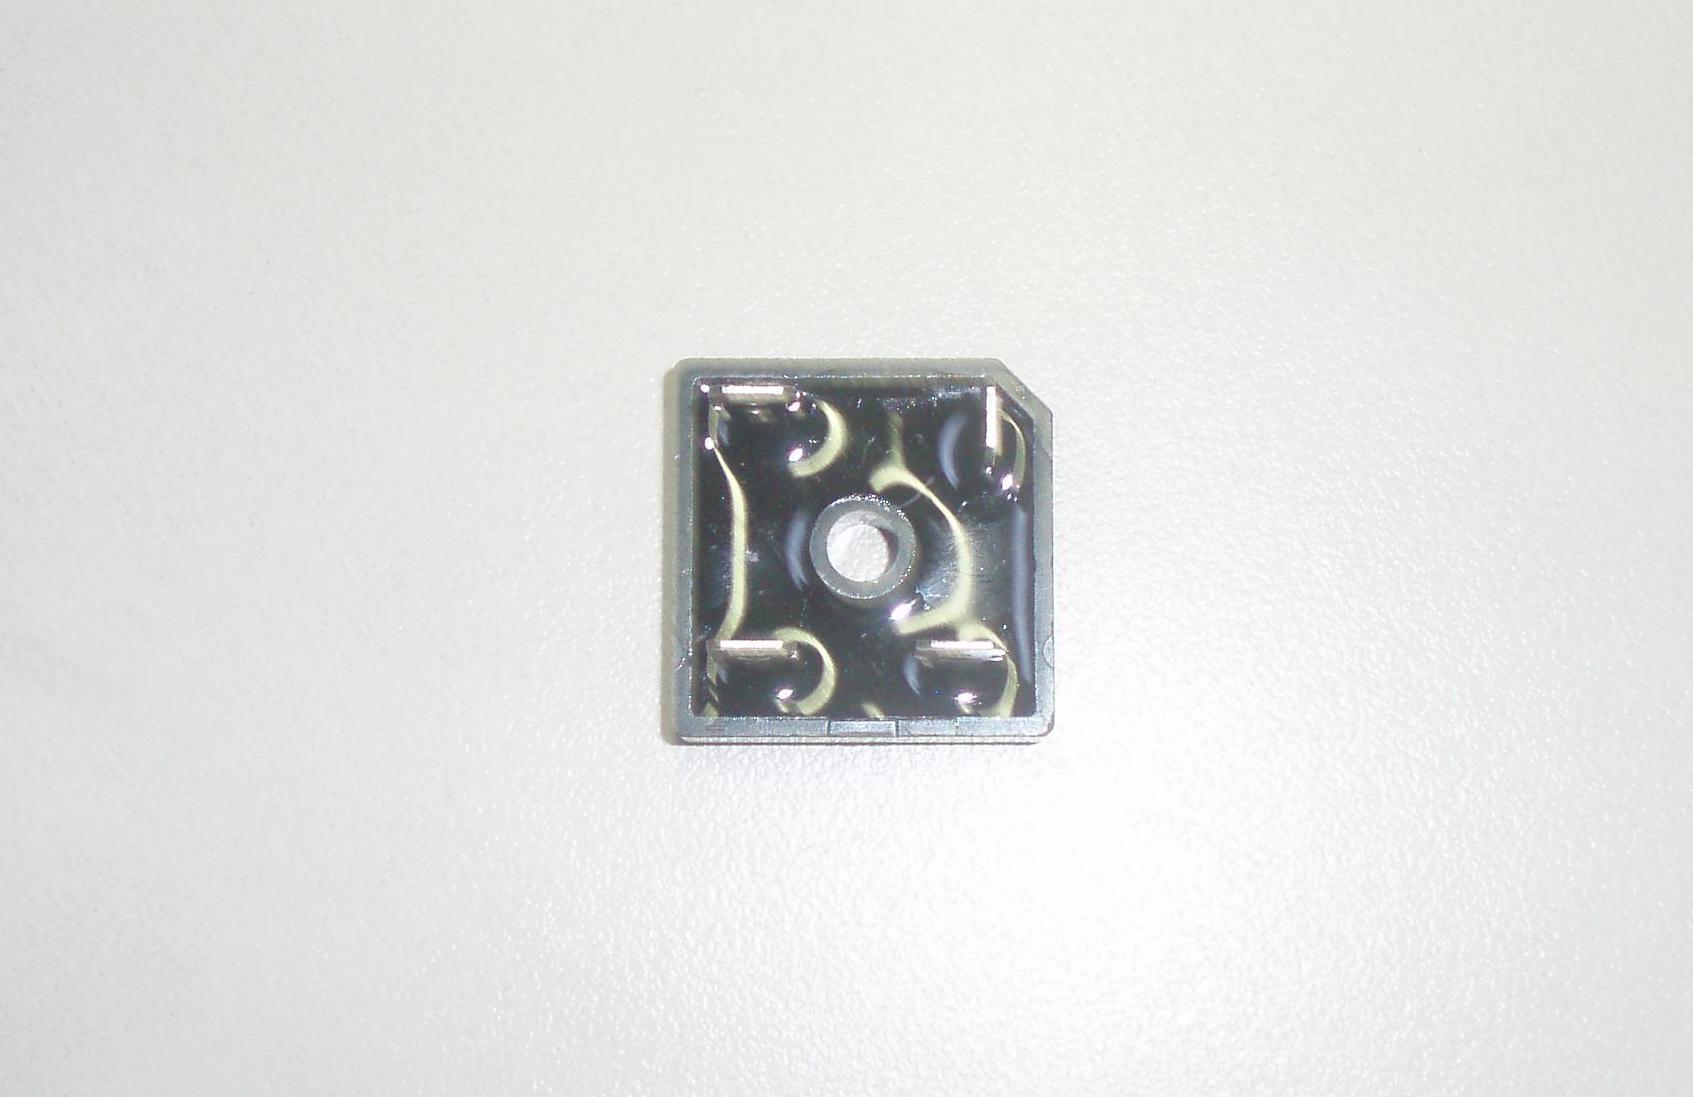 Pont de diode 6LD260 6LD325 6LD326 6LD360 6LD400 6LD435 LOMBARDINI 6607015 KOHLER ED0066070150-S